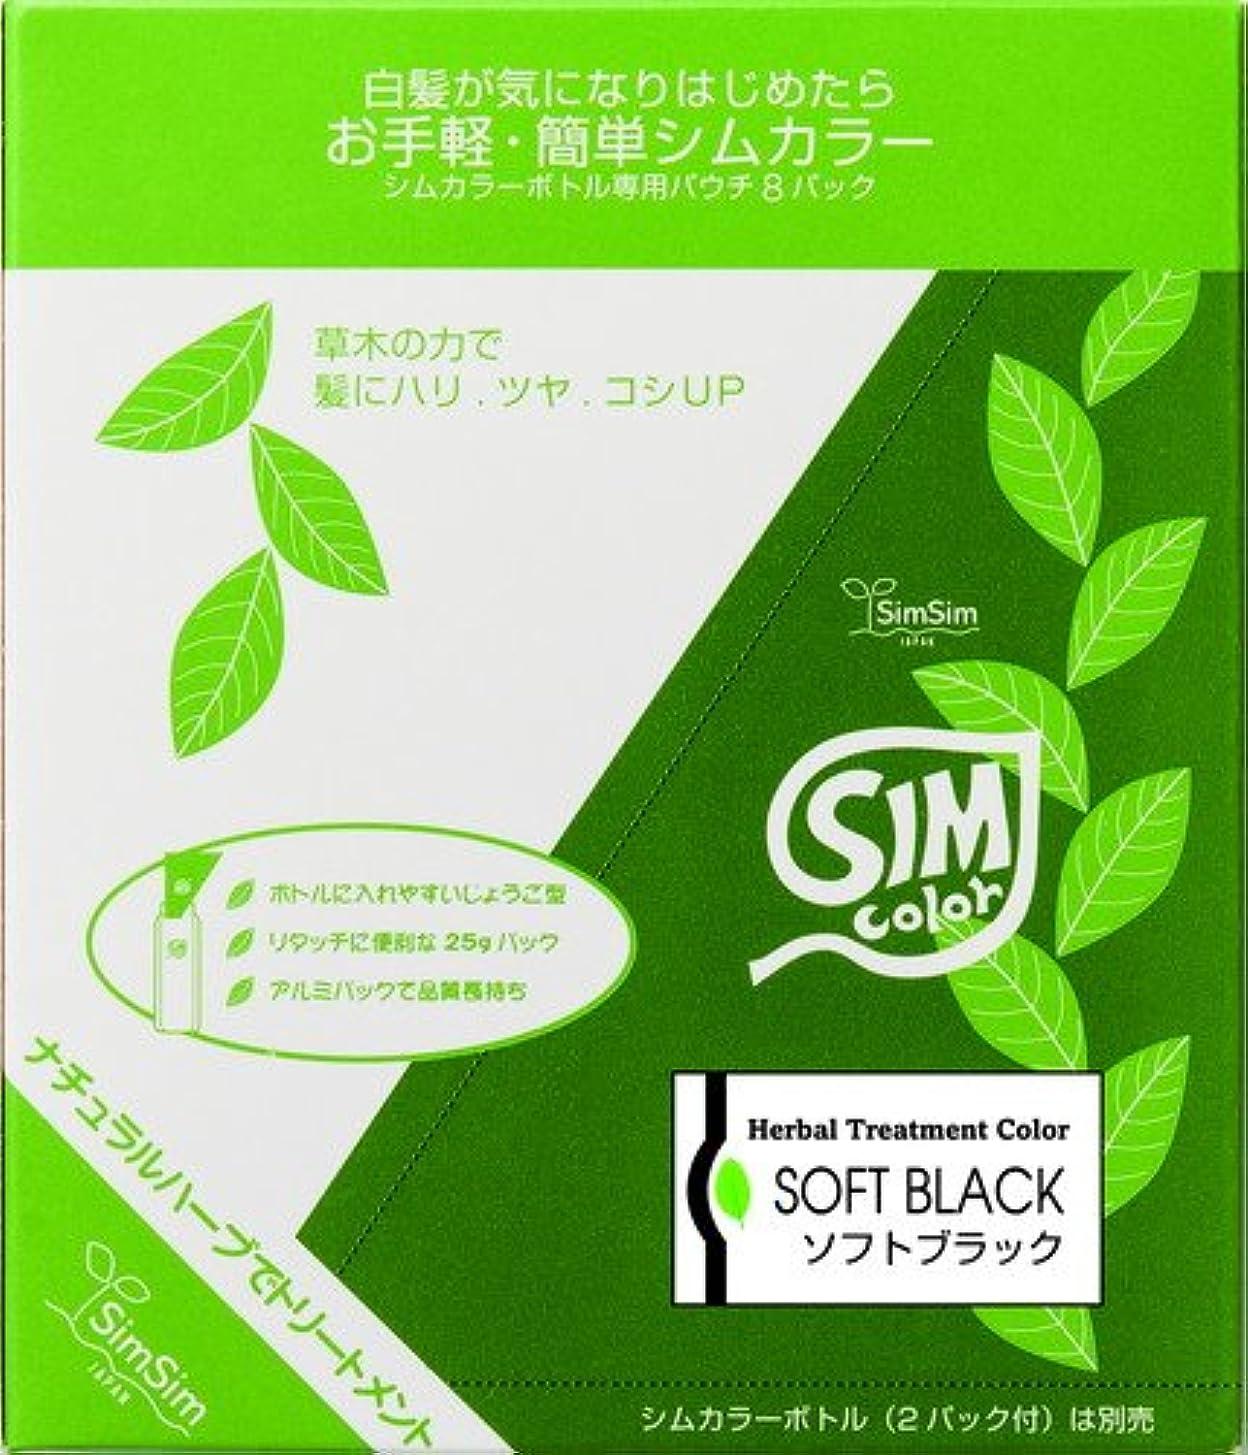 スペクトラムハリケーンポータルSimSim(シムシム)お手軽簡単シムカラーエクストラ(EX)25g 8袋 ソフトブラック